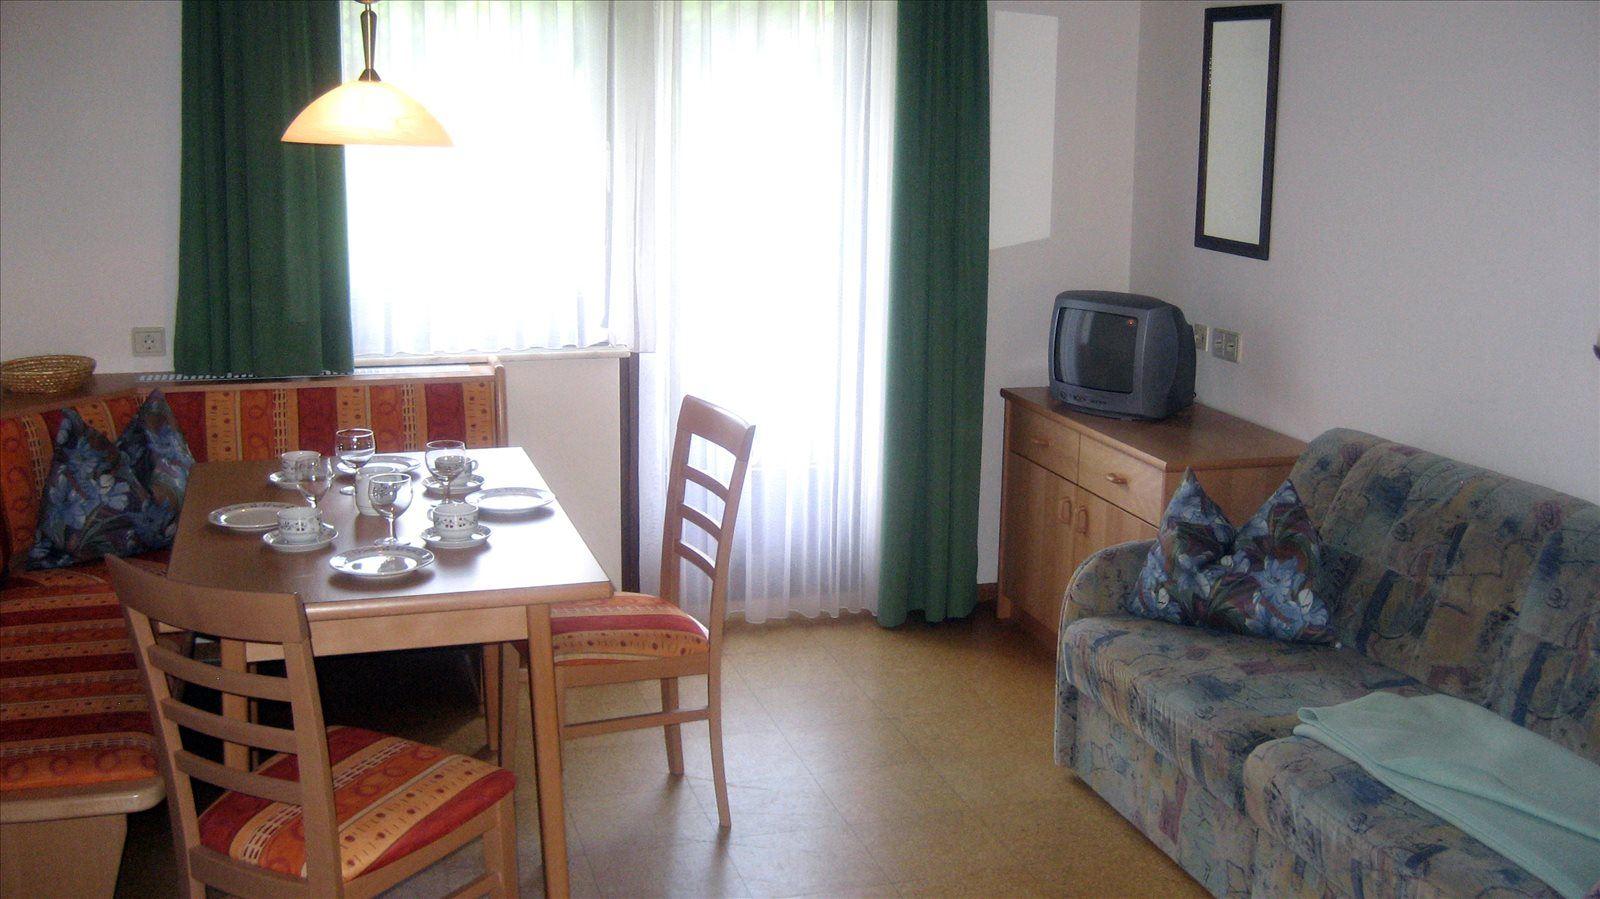 Appartement Wieslbauer - Flachau